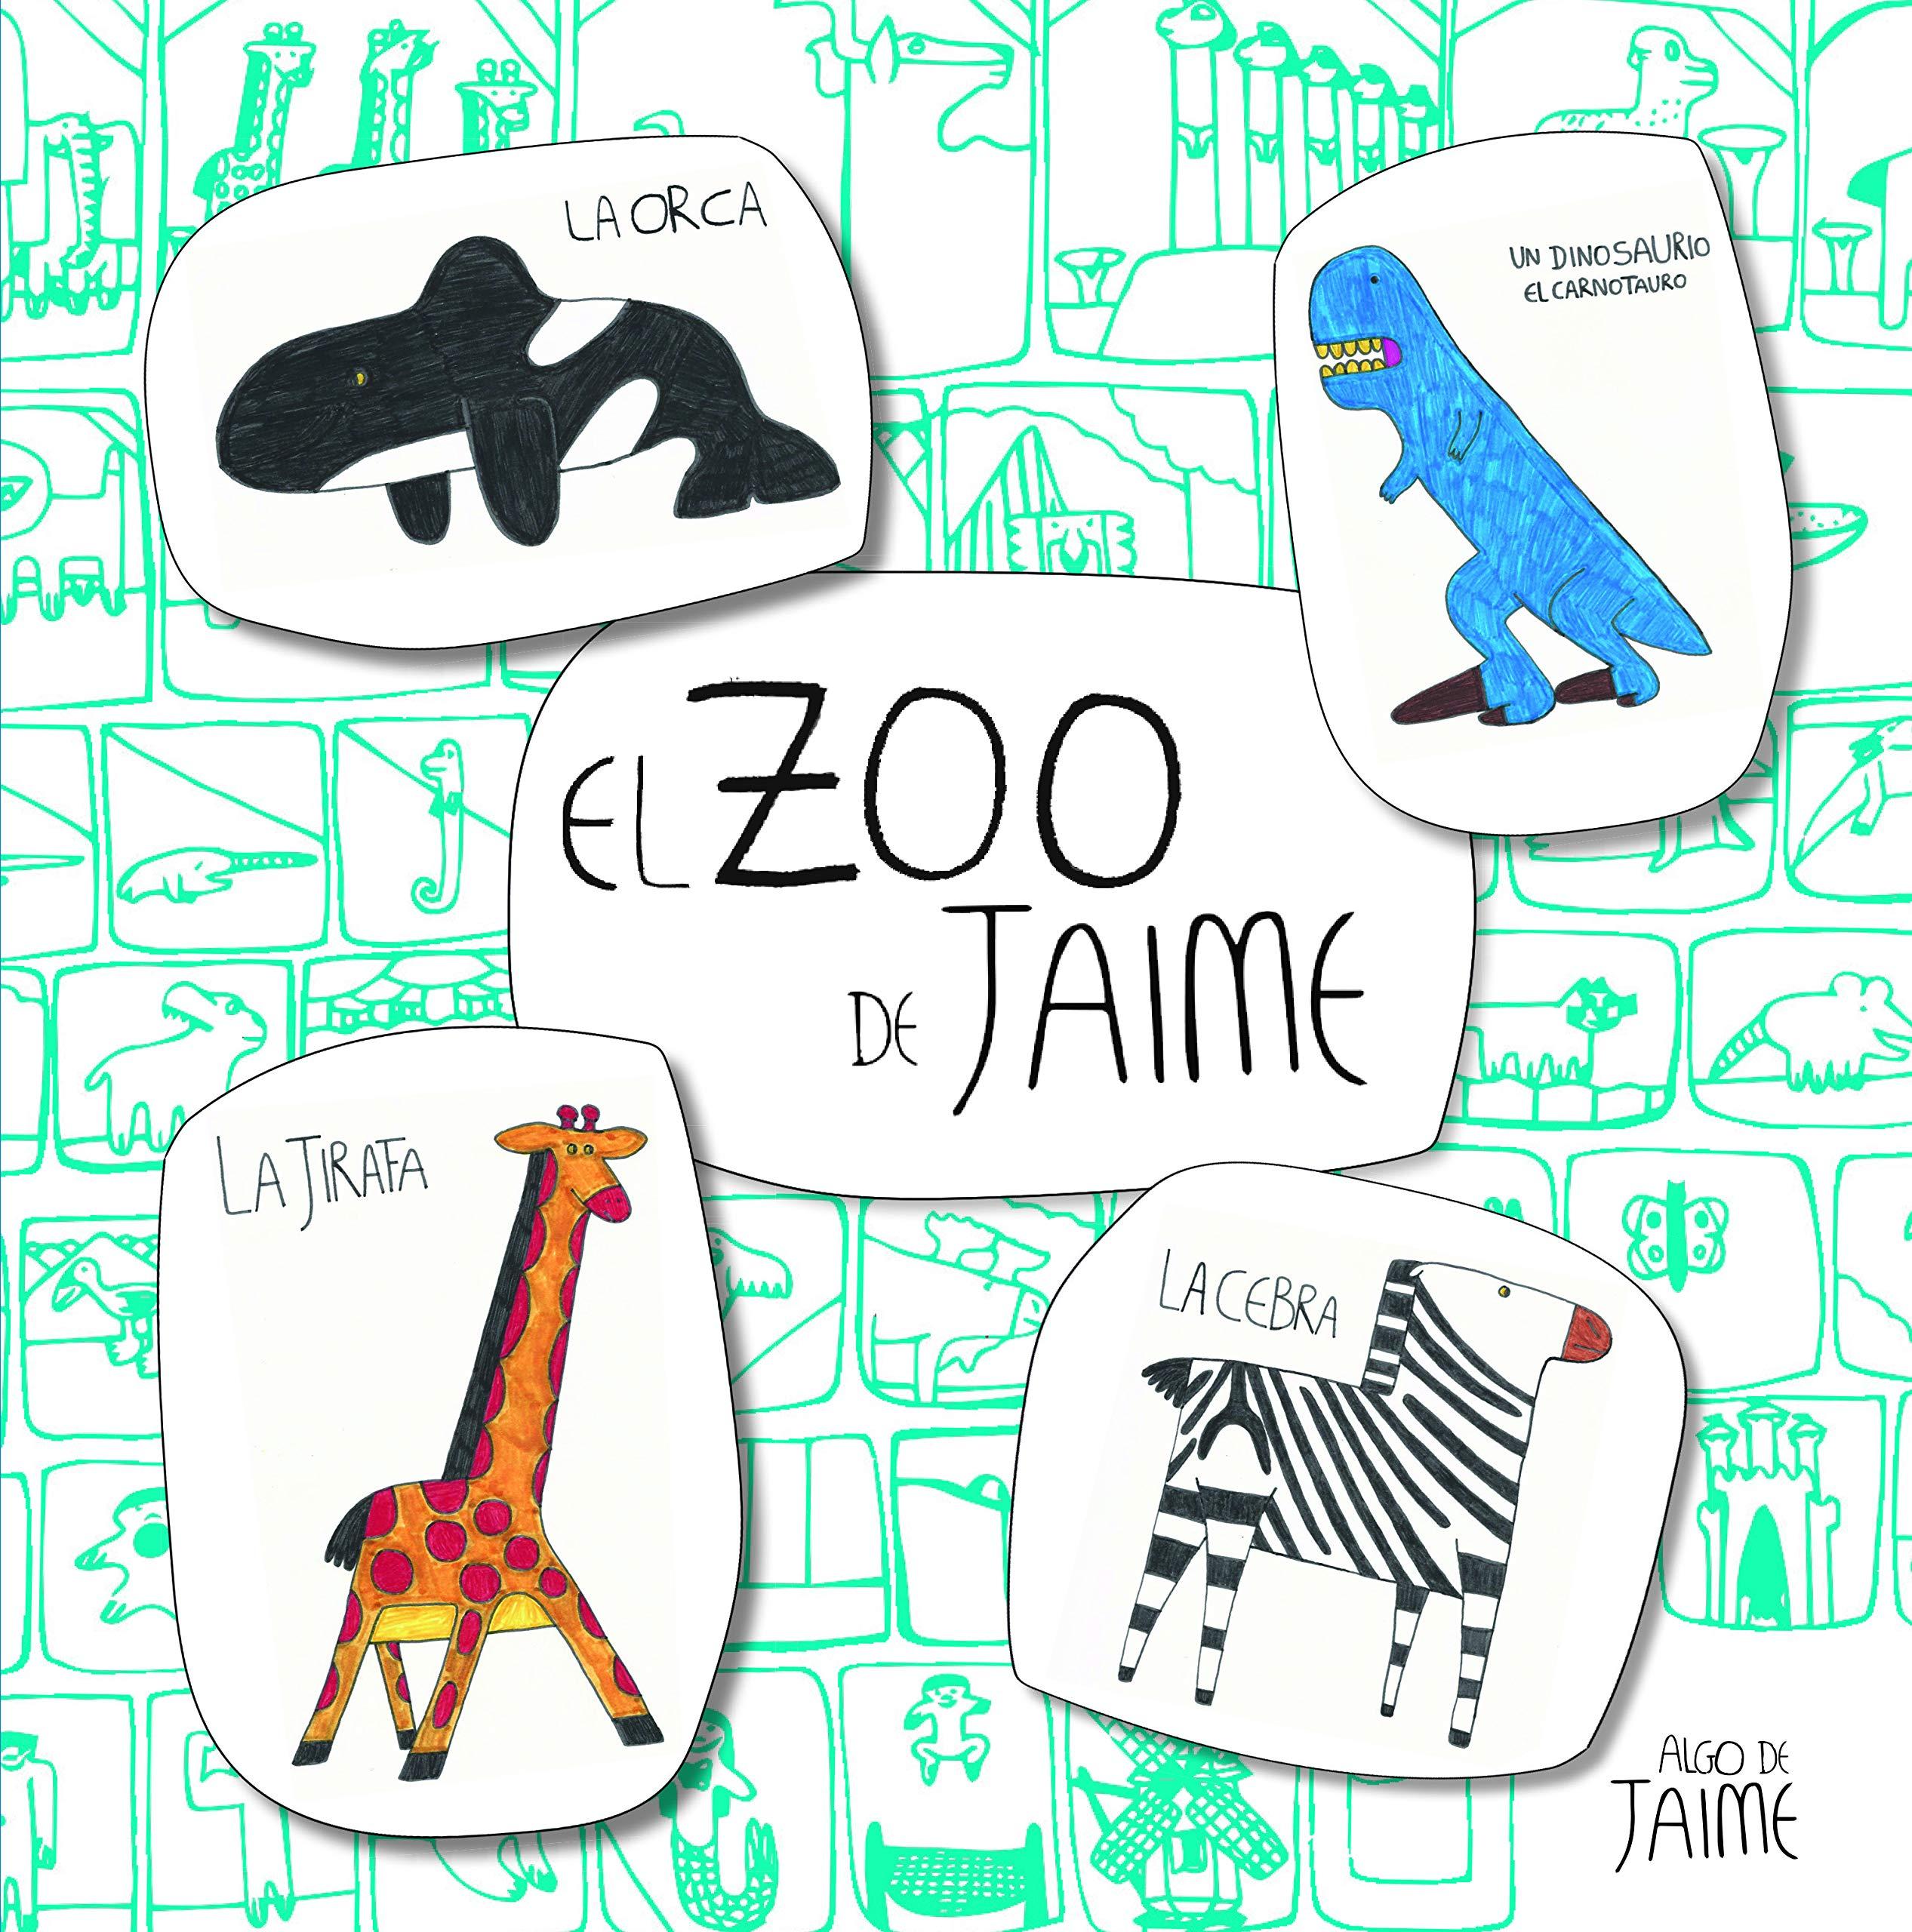 El zoo de Jaime (Juega y aprende): Amazon.es: Jaime Martínez Alonso: Libros